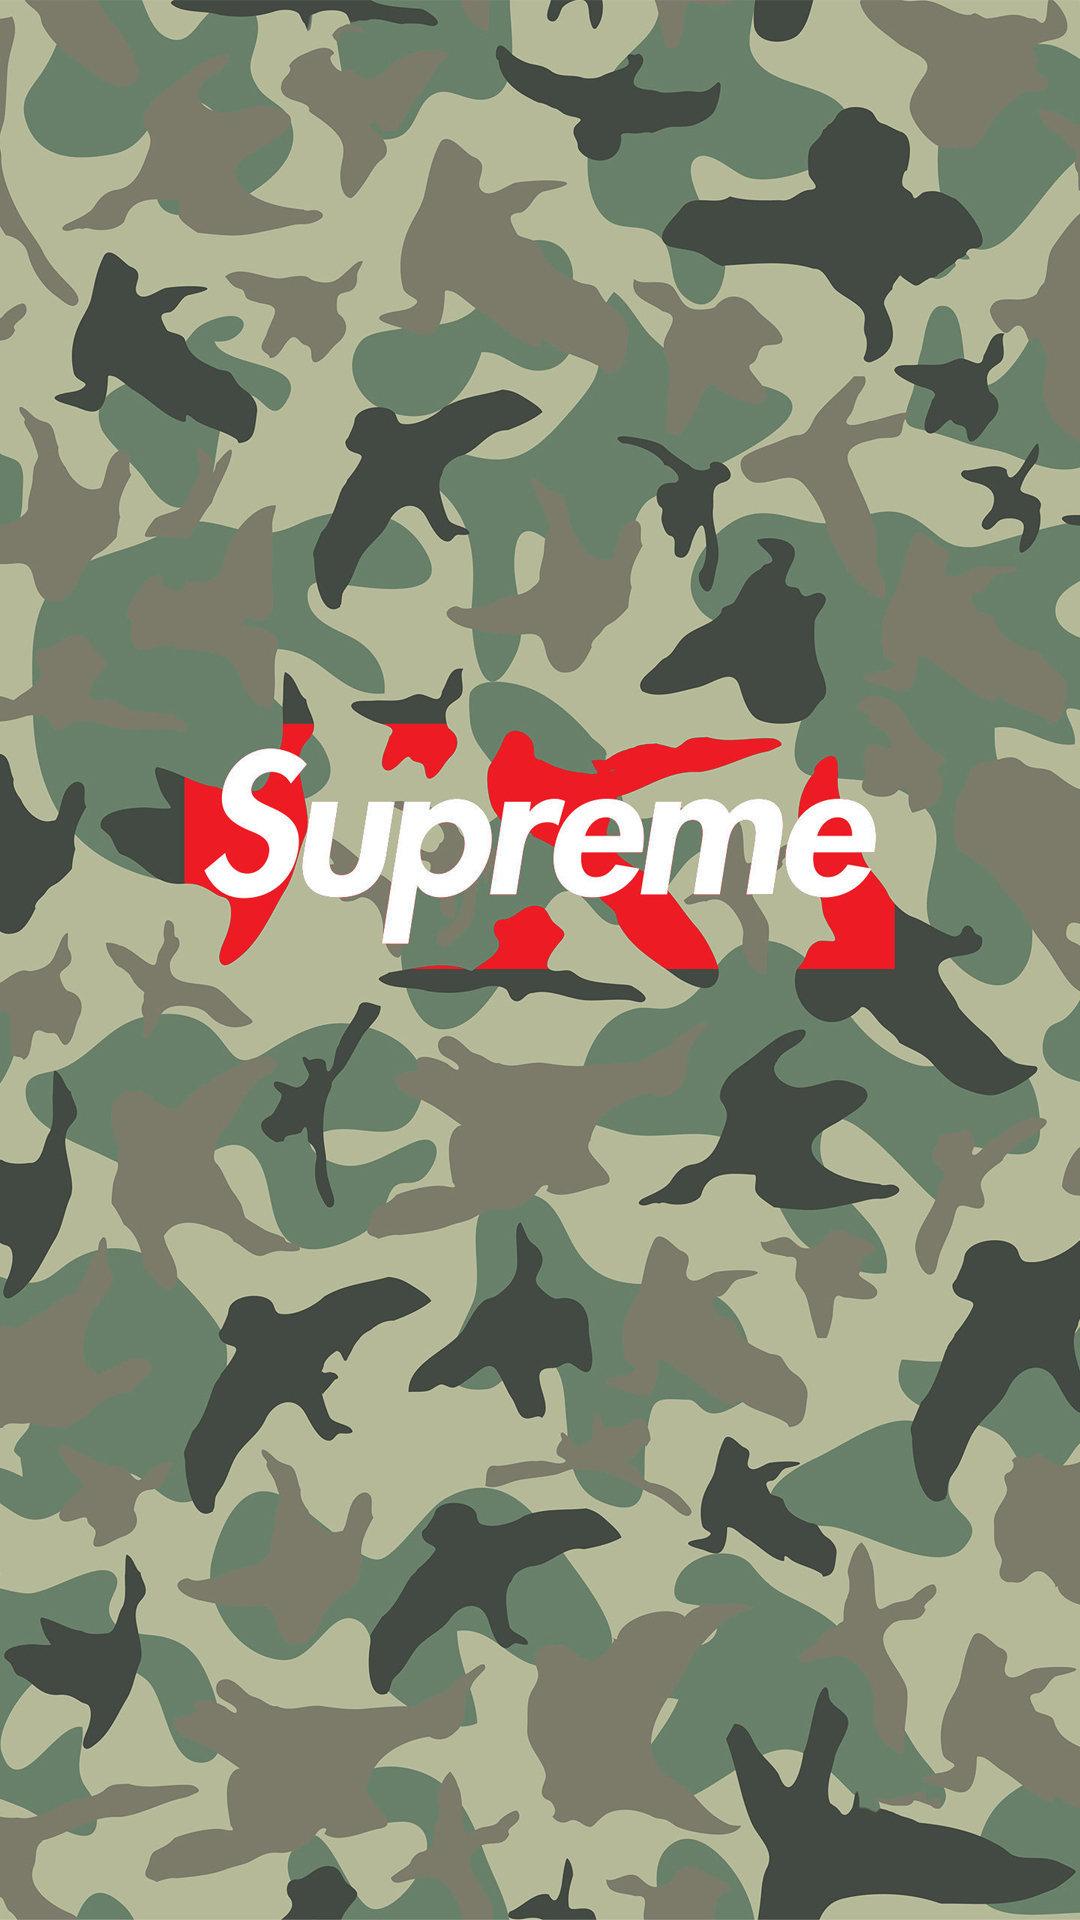 Download 7800 Wallpaper Keren Hd Supreme HD Terbaik